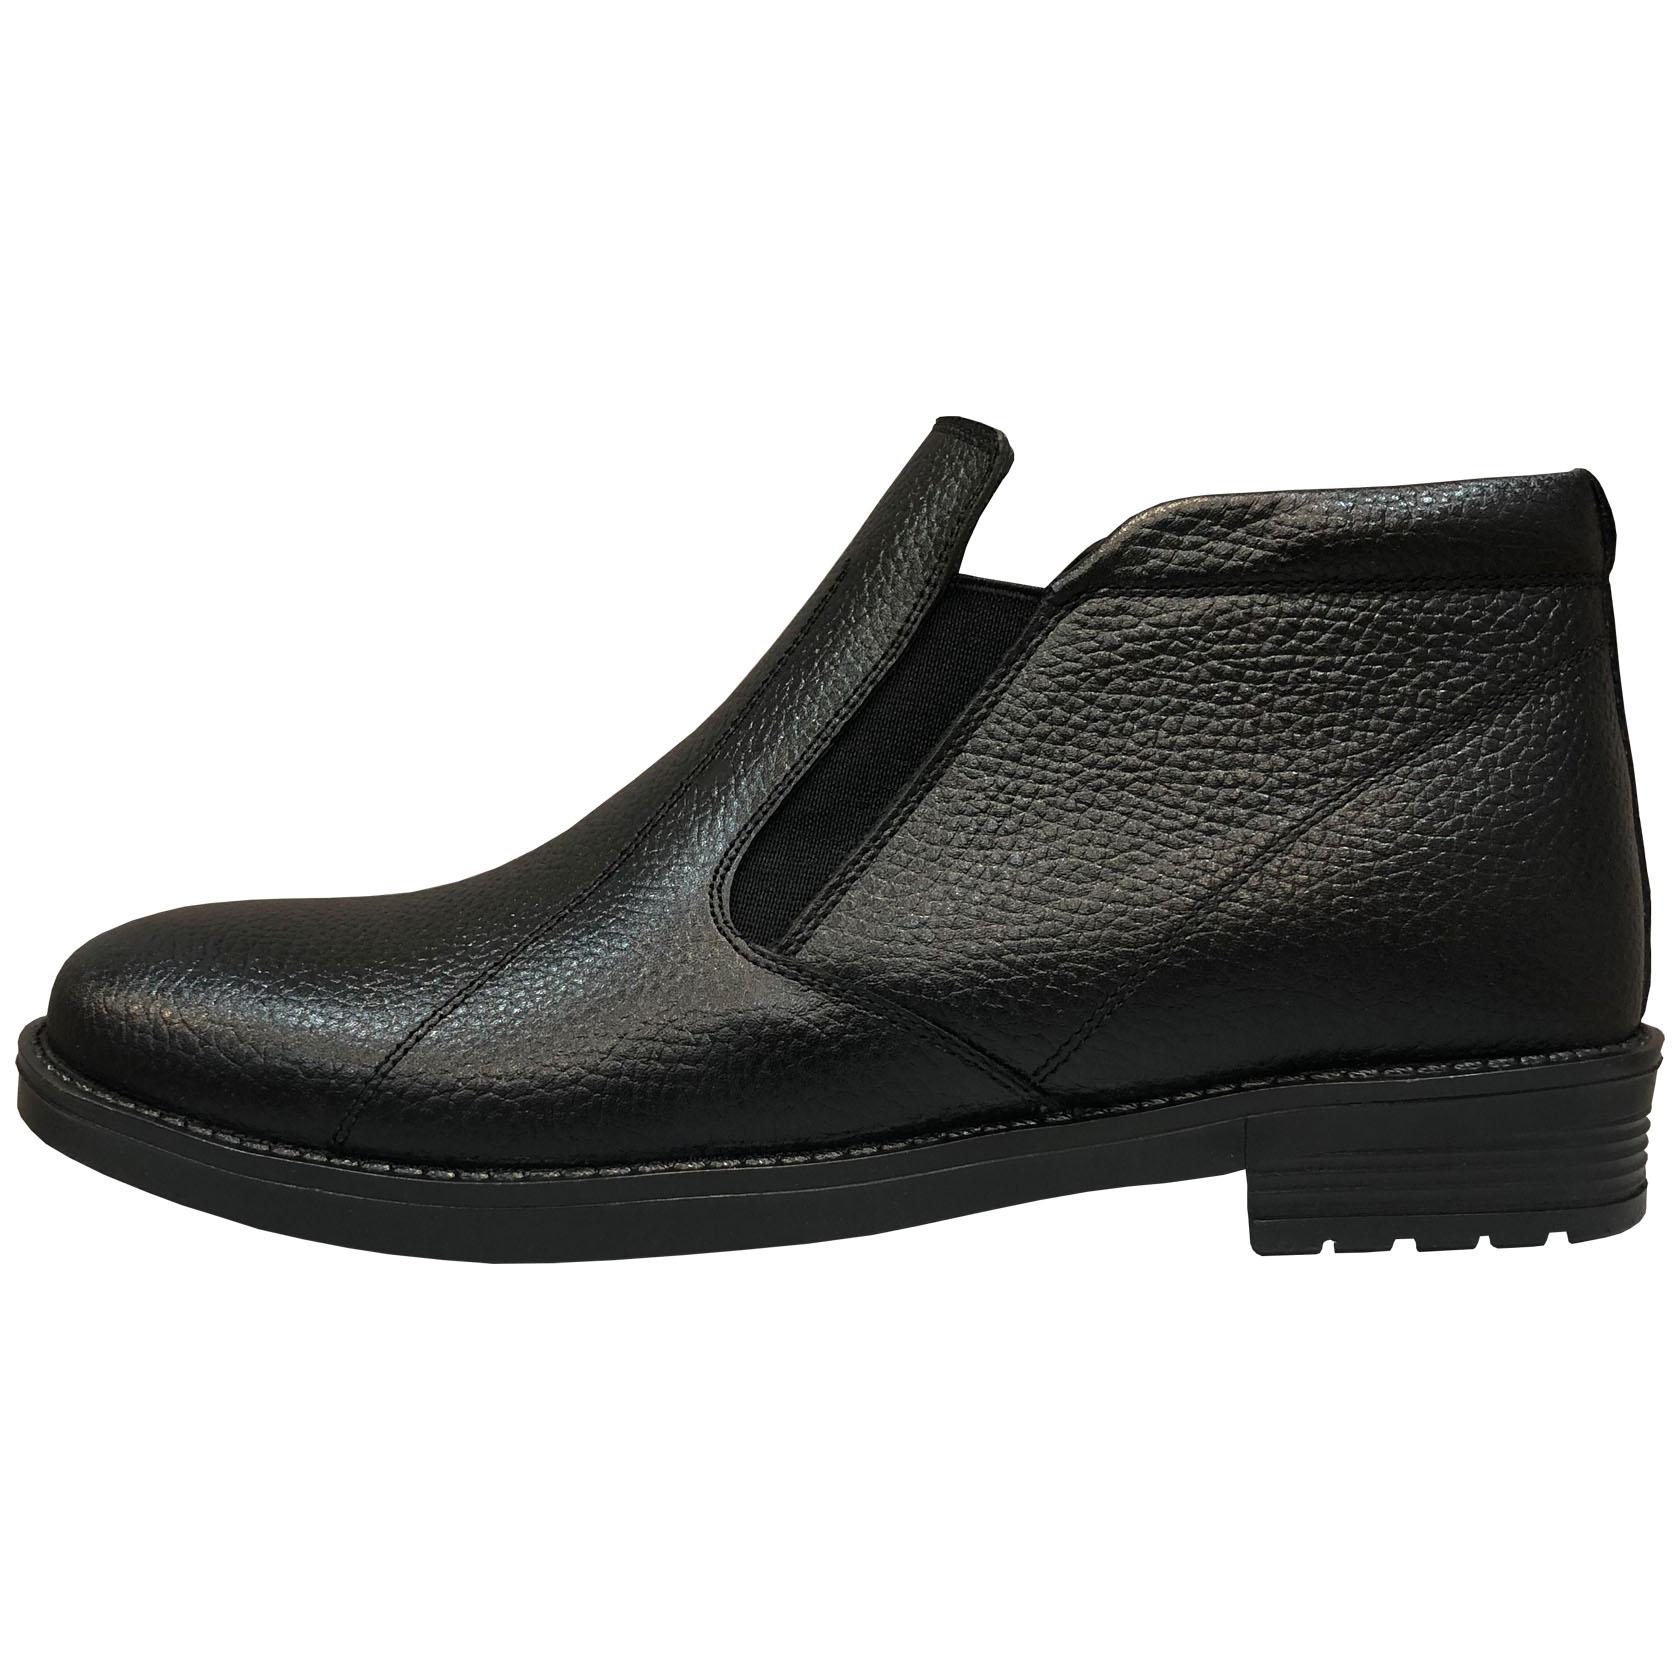 نیم بوت مردانه کفش سعیدی مدل sa119